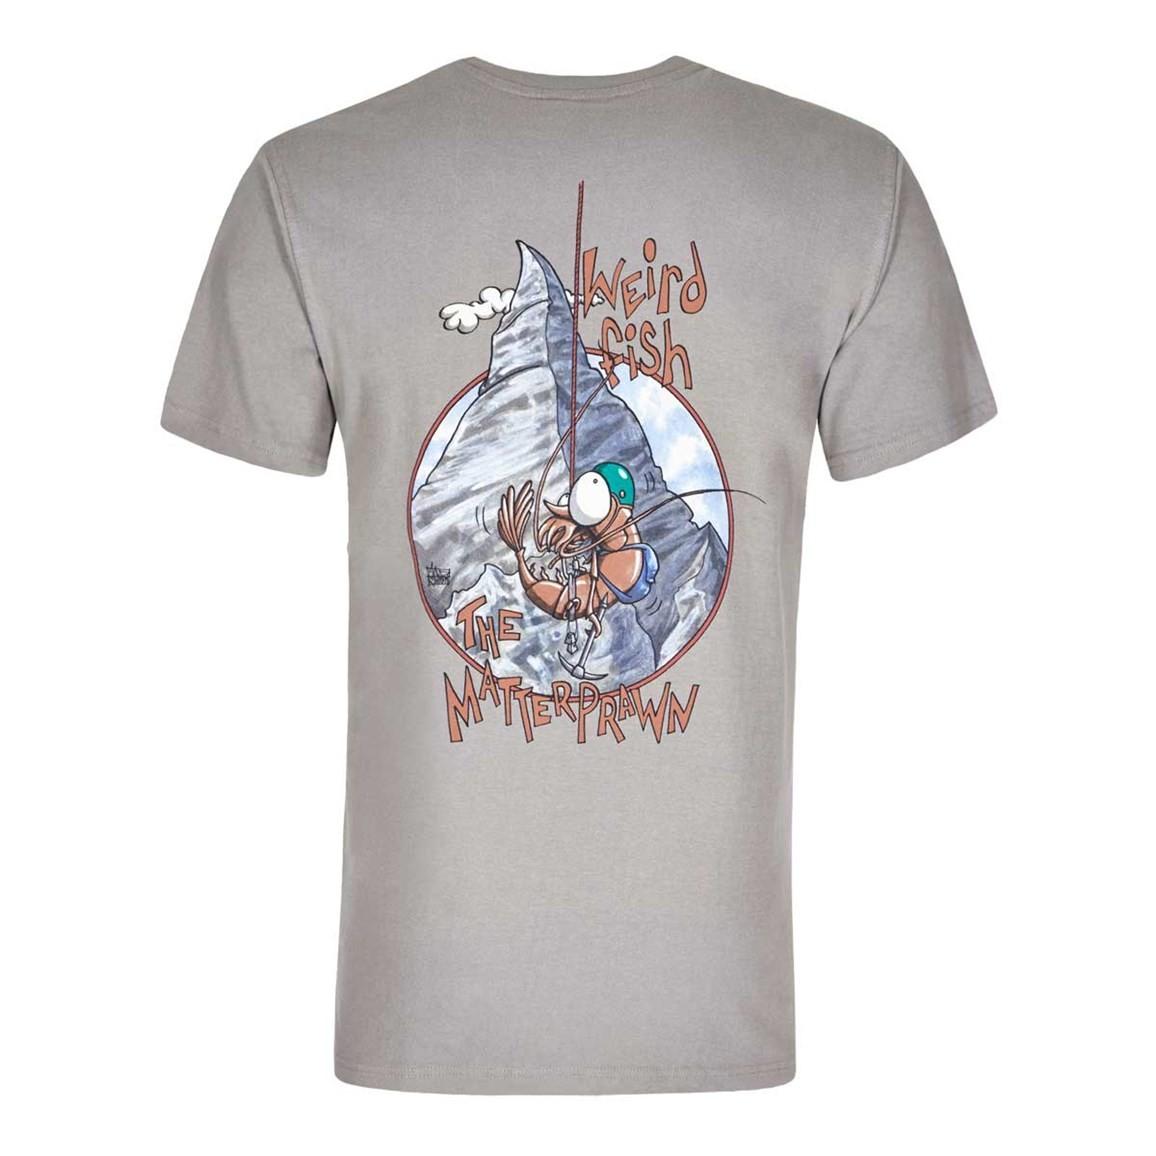 Weird Fish Matterprawn Printed Artist T-Shirt Frost Grey